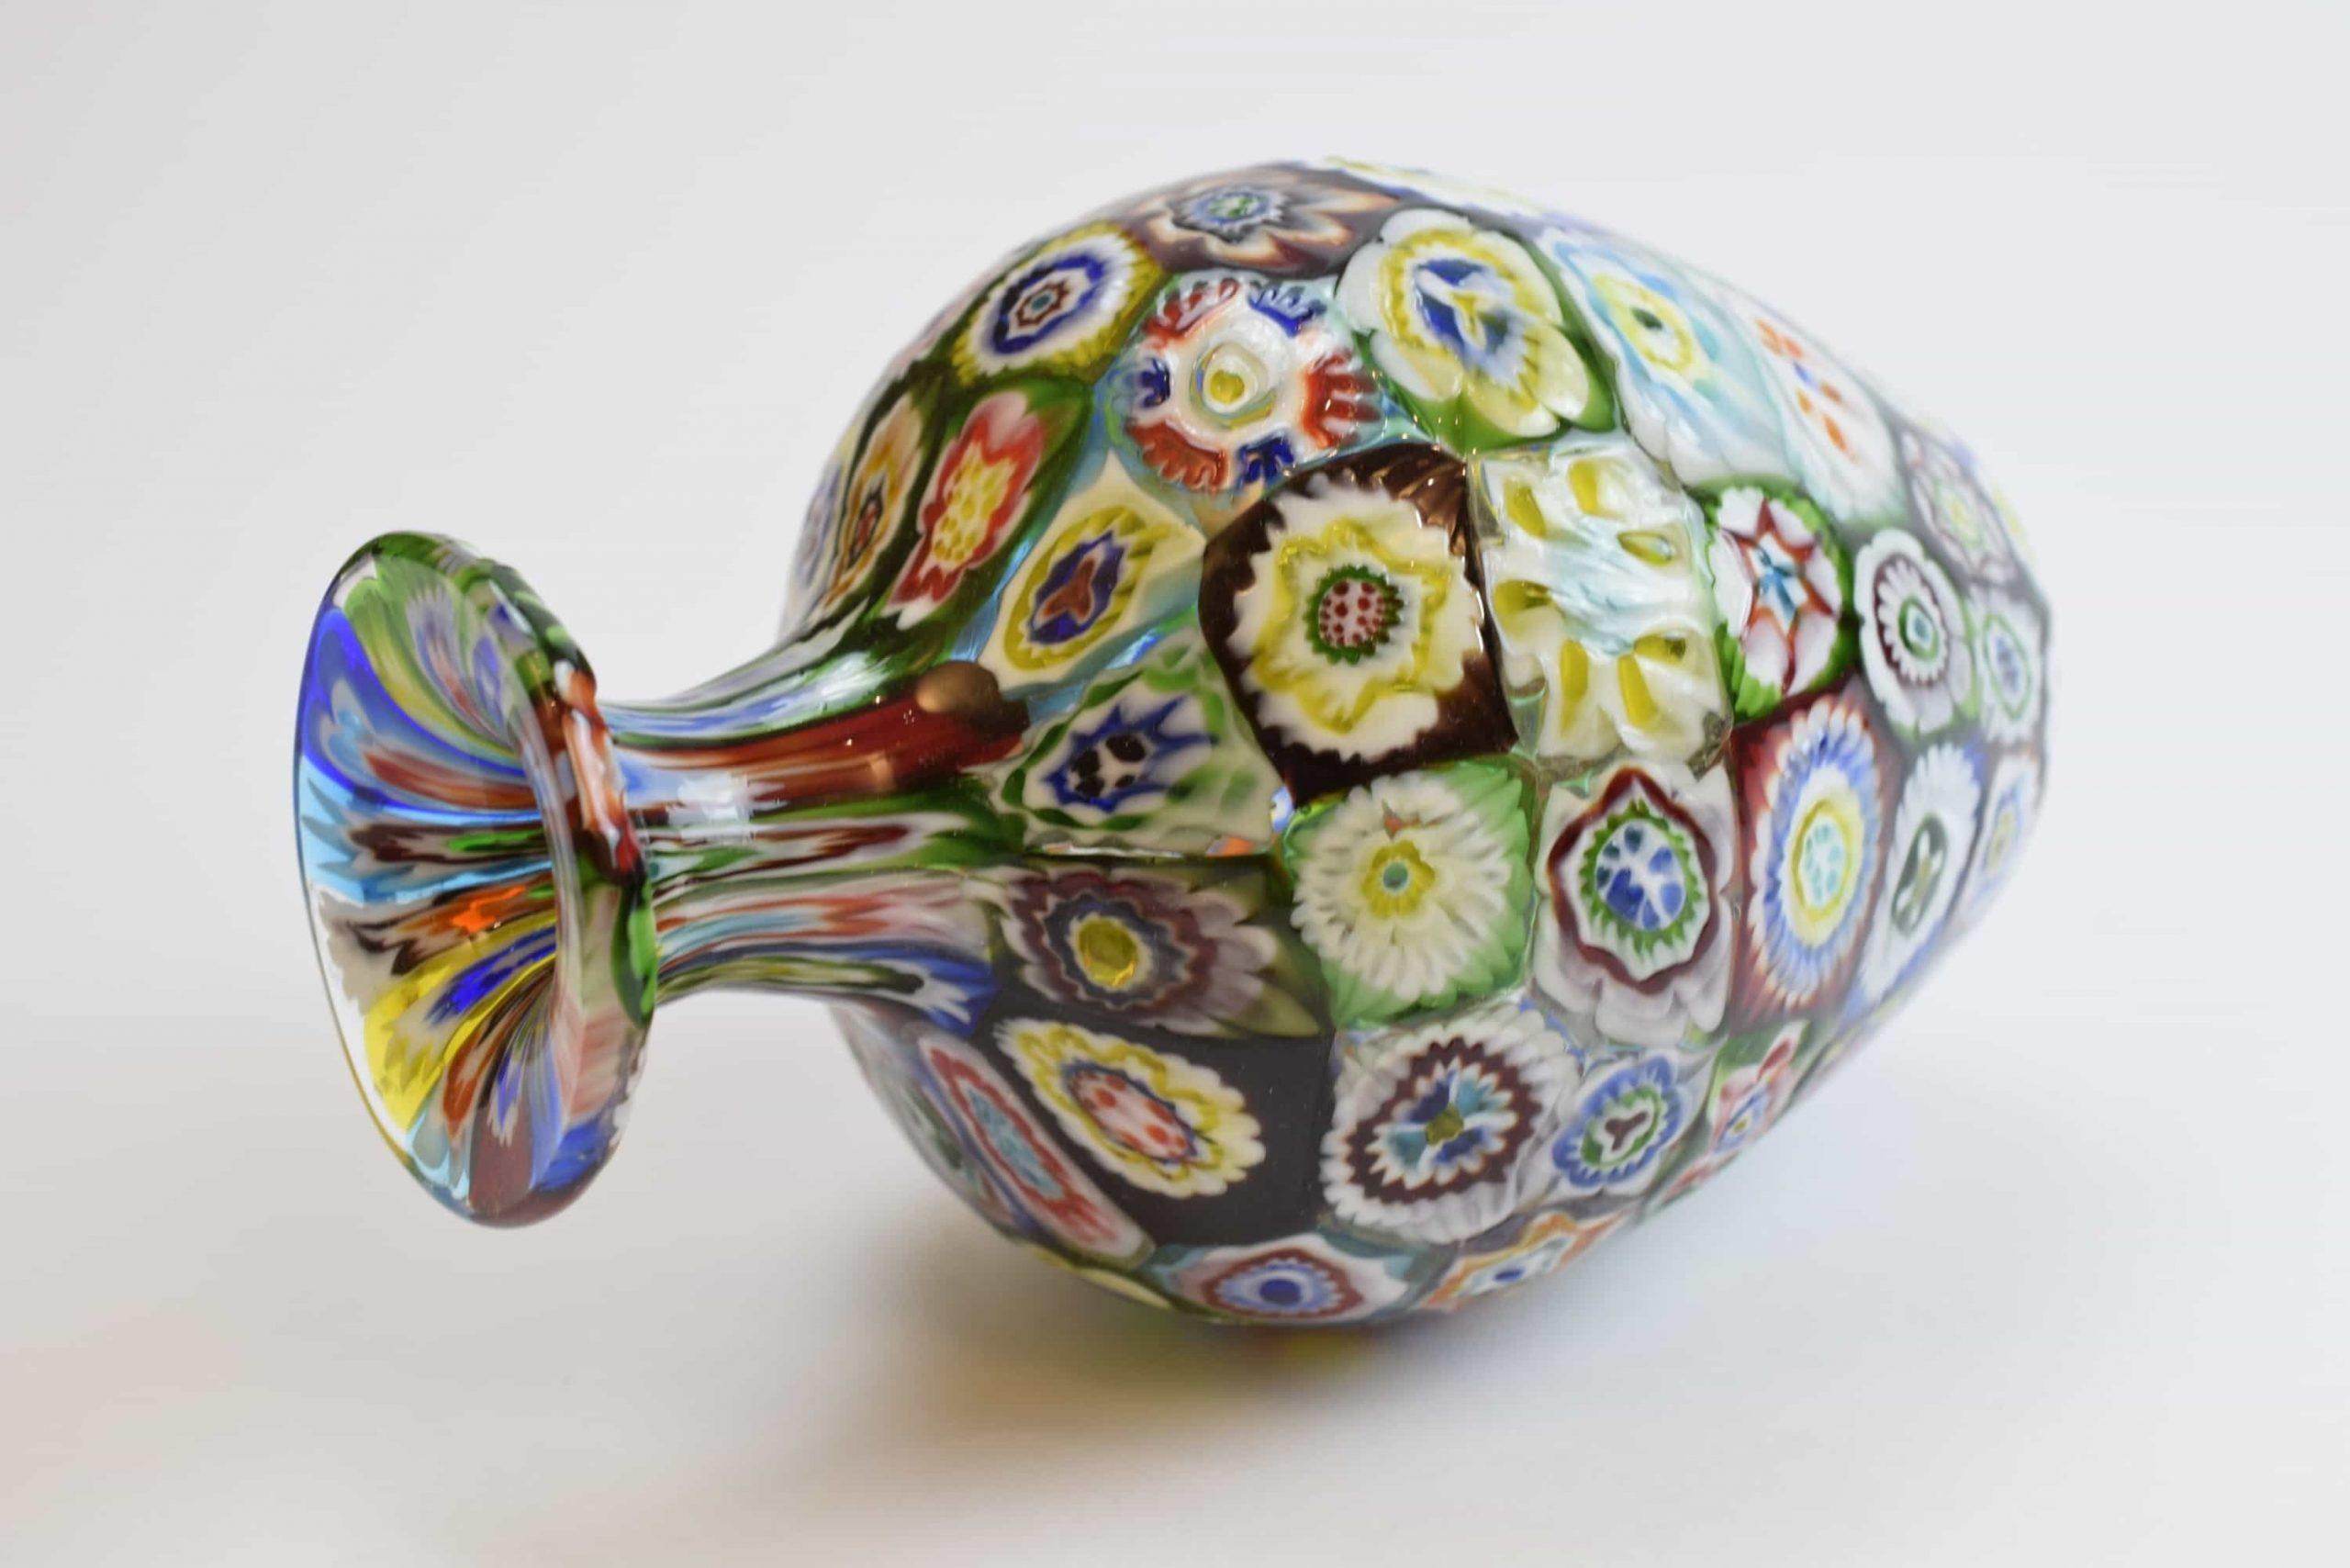 Vintage Murrine Vase aus Muranoglas - (Art. 2137)